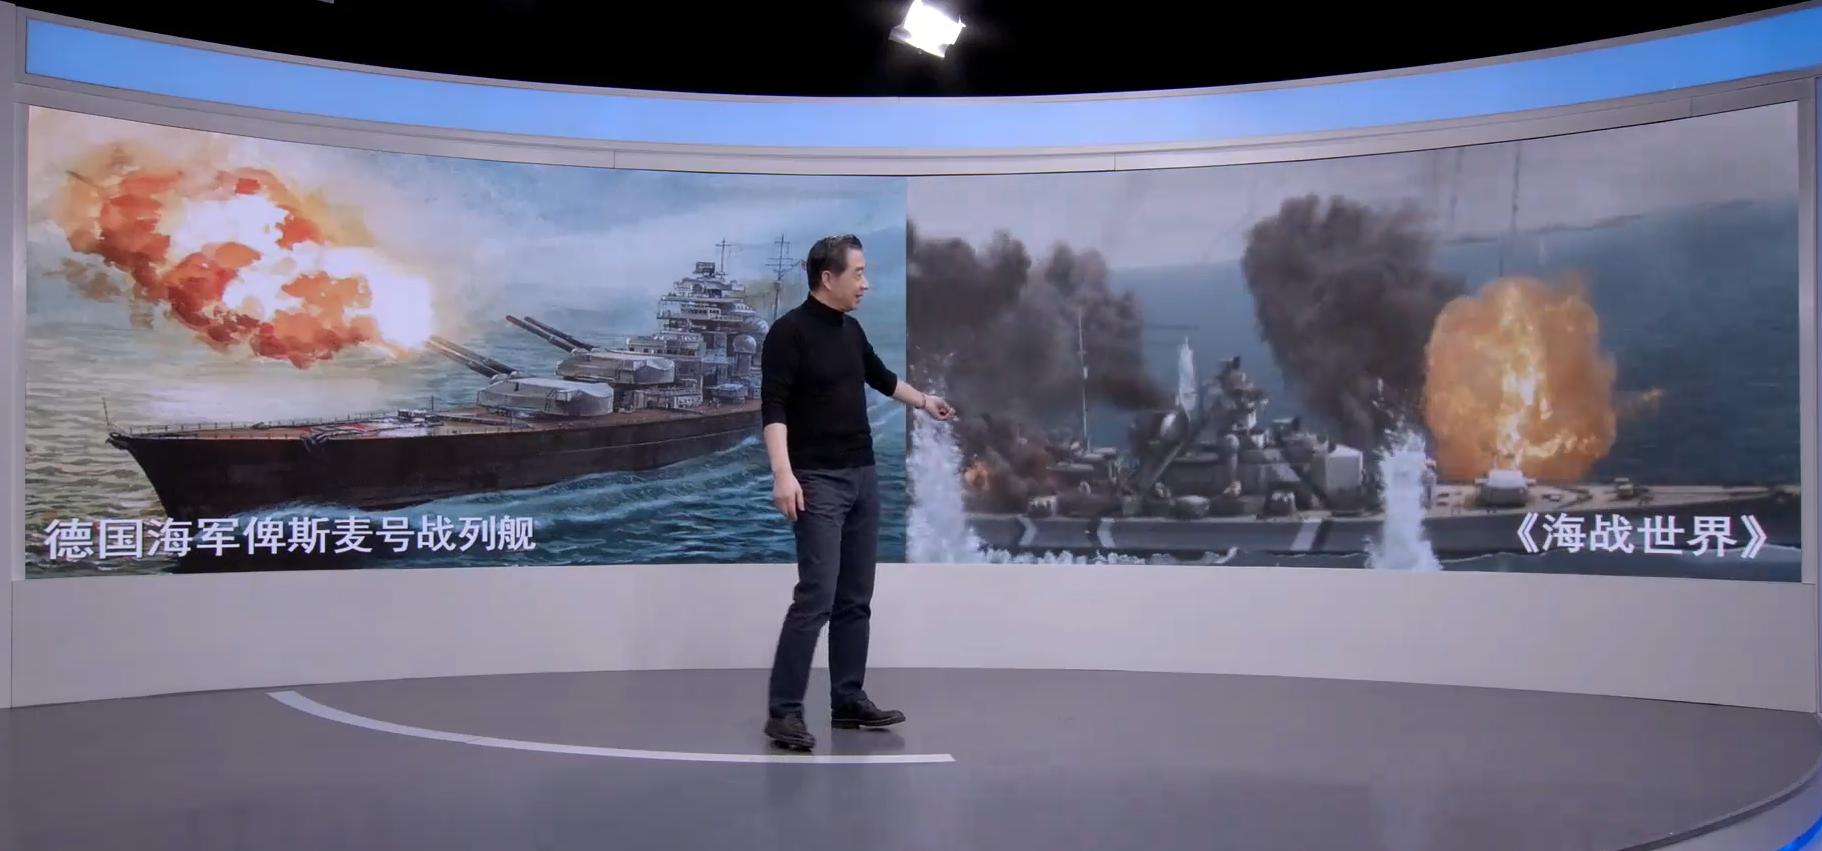 揭秘战忽局的台前幕后,忙里偷闲不忘玩一把《海战世界》